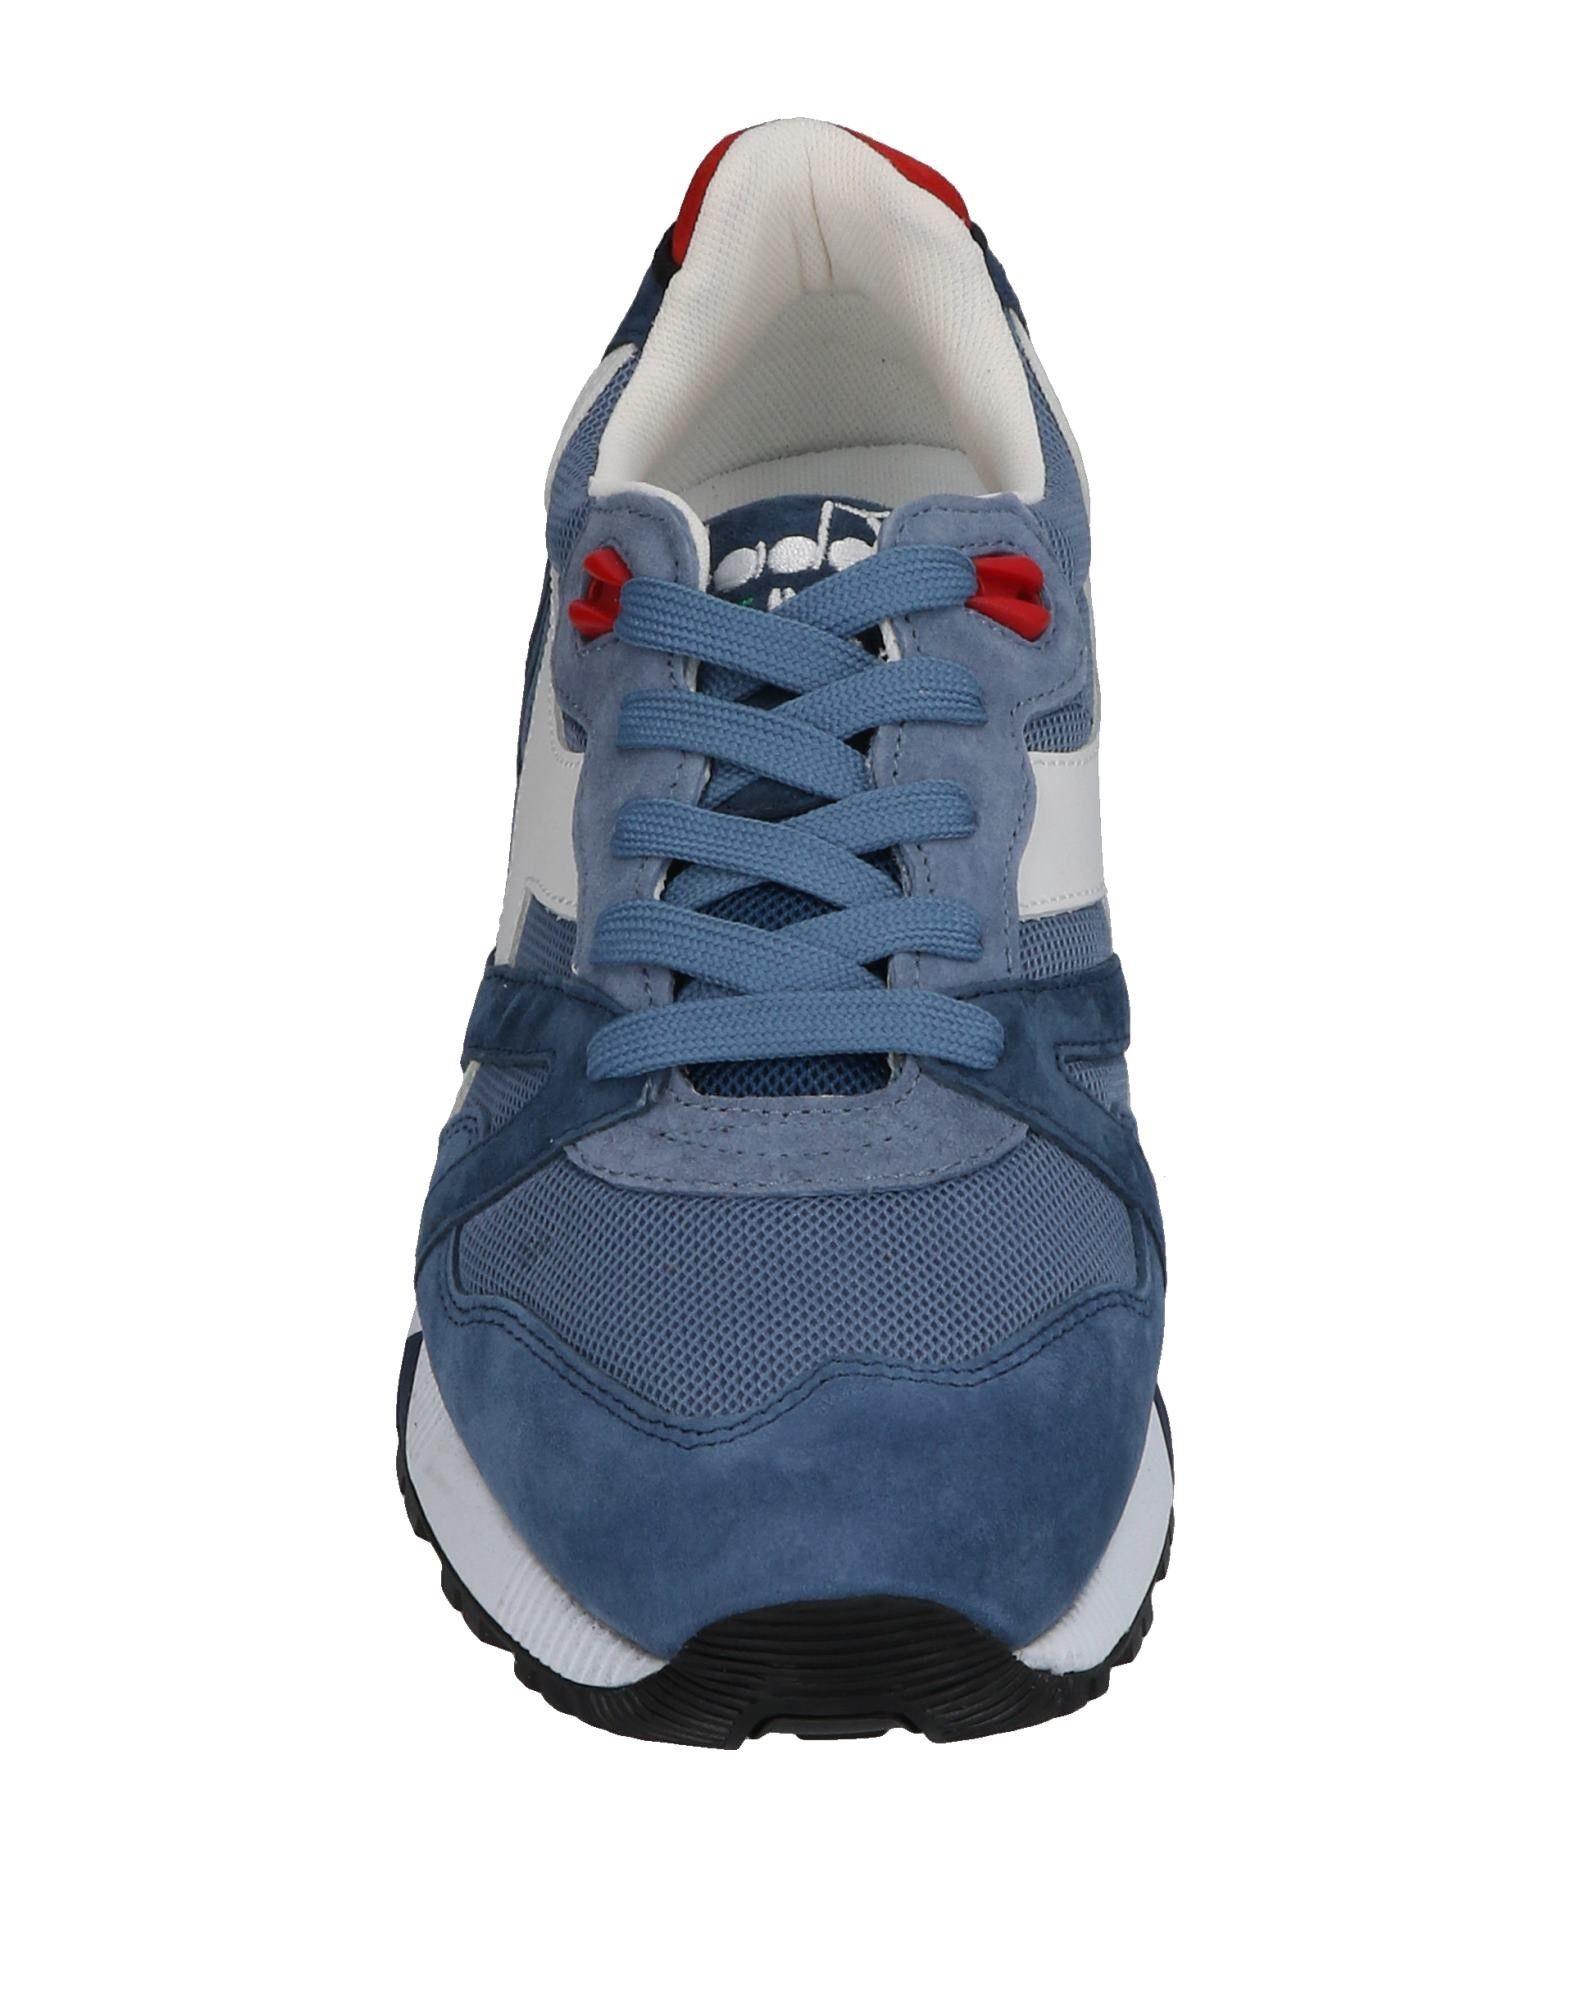 Herren Diadora Sneakers Herren   11428894BR Heiße Schuhe f12131